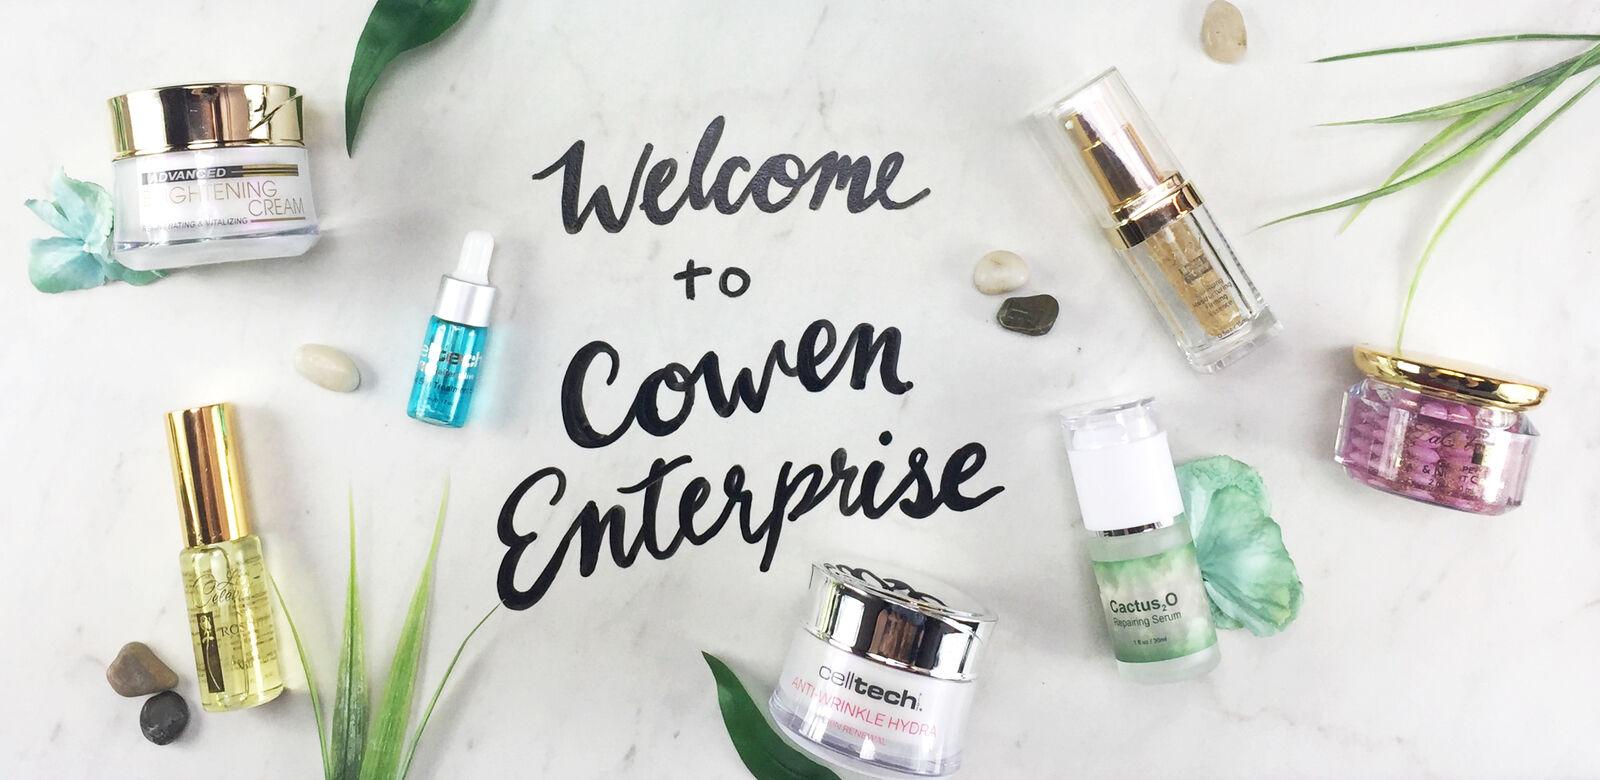 CowenStore